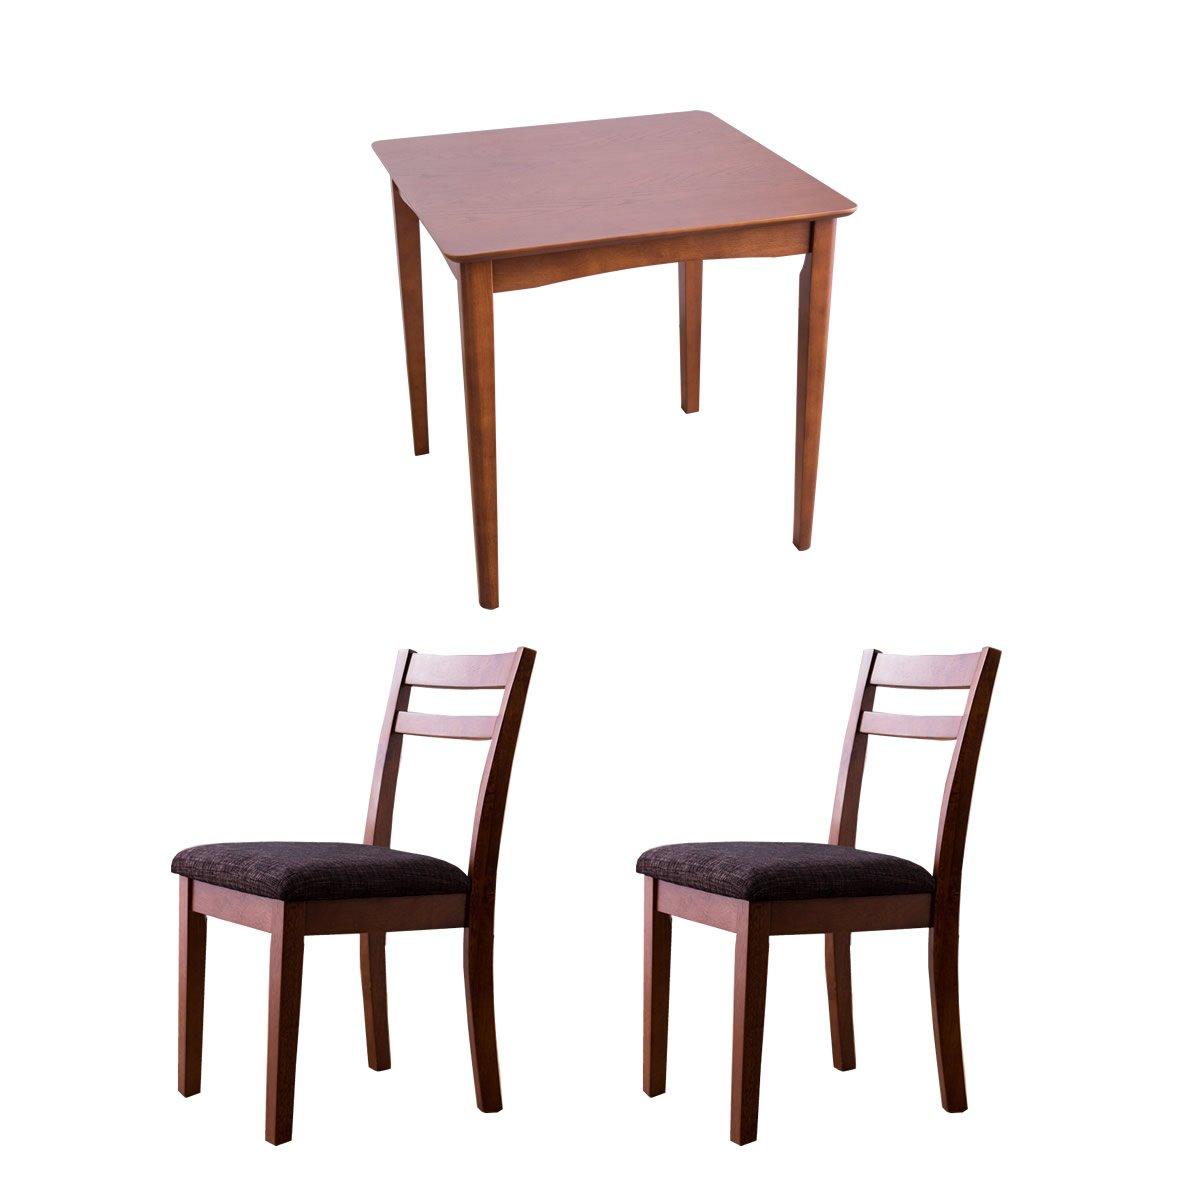 ダークブラウン/ダークブラウン/2人用 ダイニングセット テーブル チェア 天然木 シンプル コンパクト おしゃれ 北欧風 ナチュラル B075LB4HDP Parent ダークブラウン/ダークブラウン